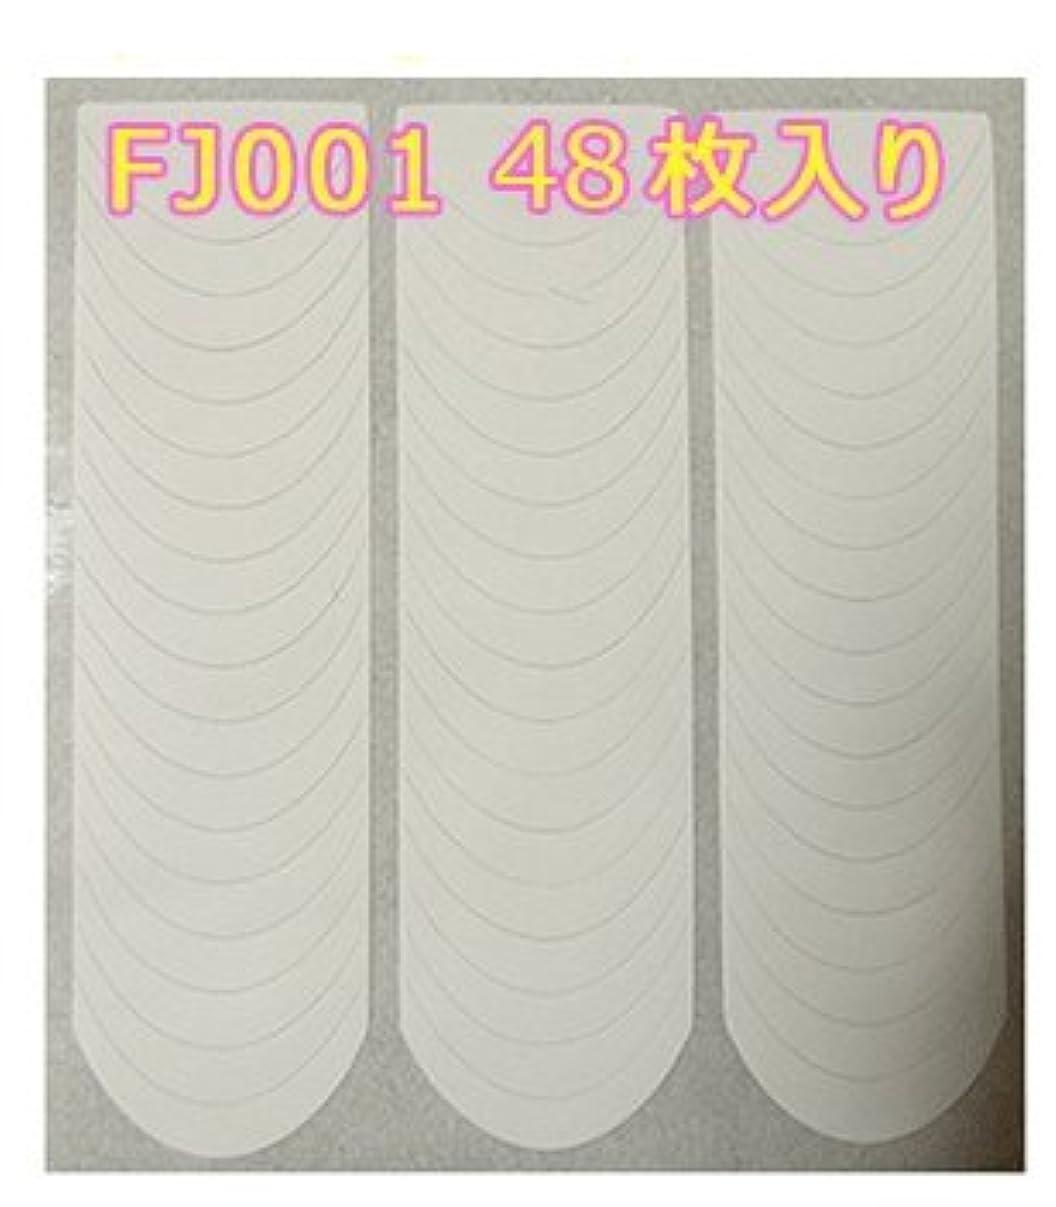 振動する冷笑する先行するフレンチガイドテープ/フレンチネイルシール/☆選べる4タイプ! (FJ001*48枚入り)